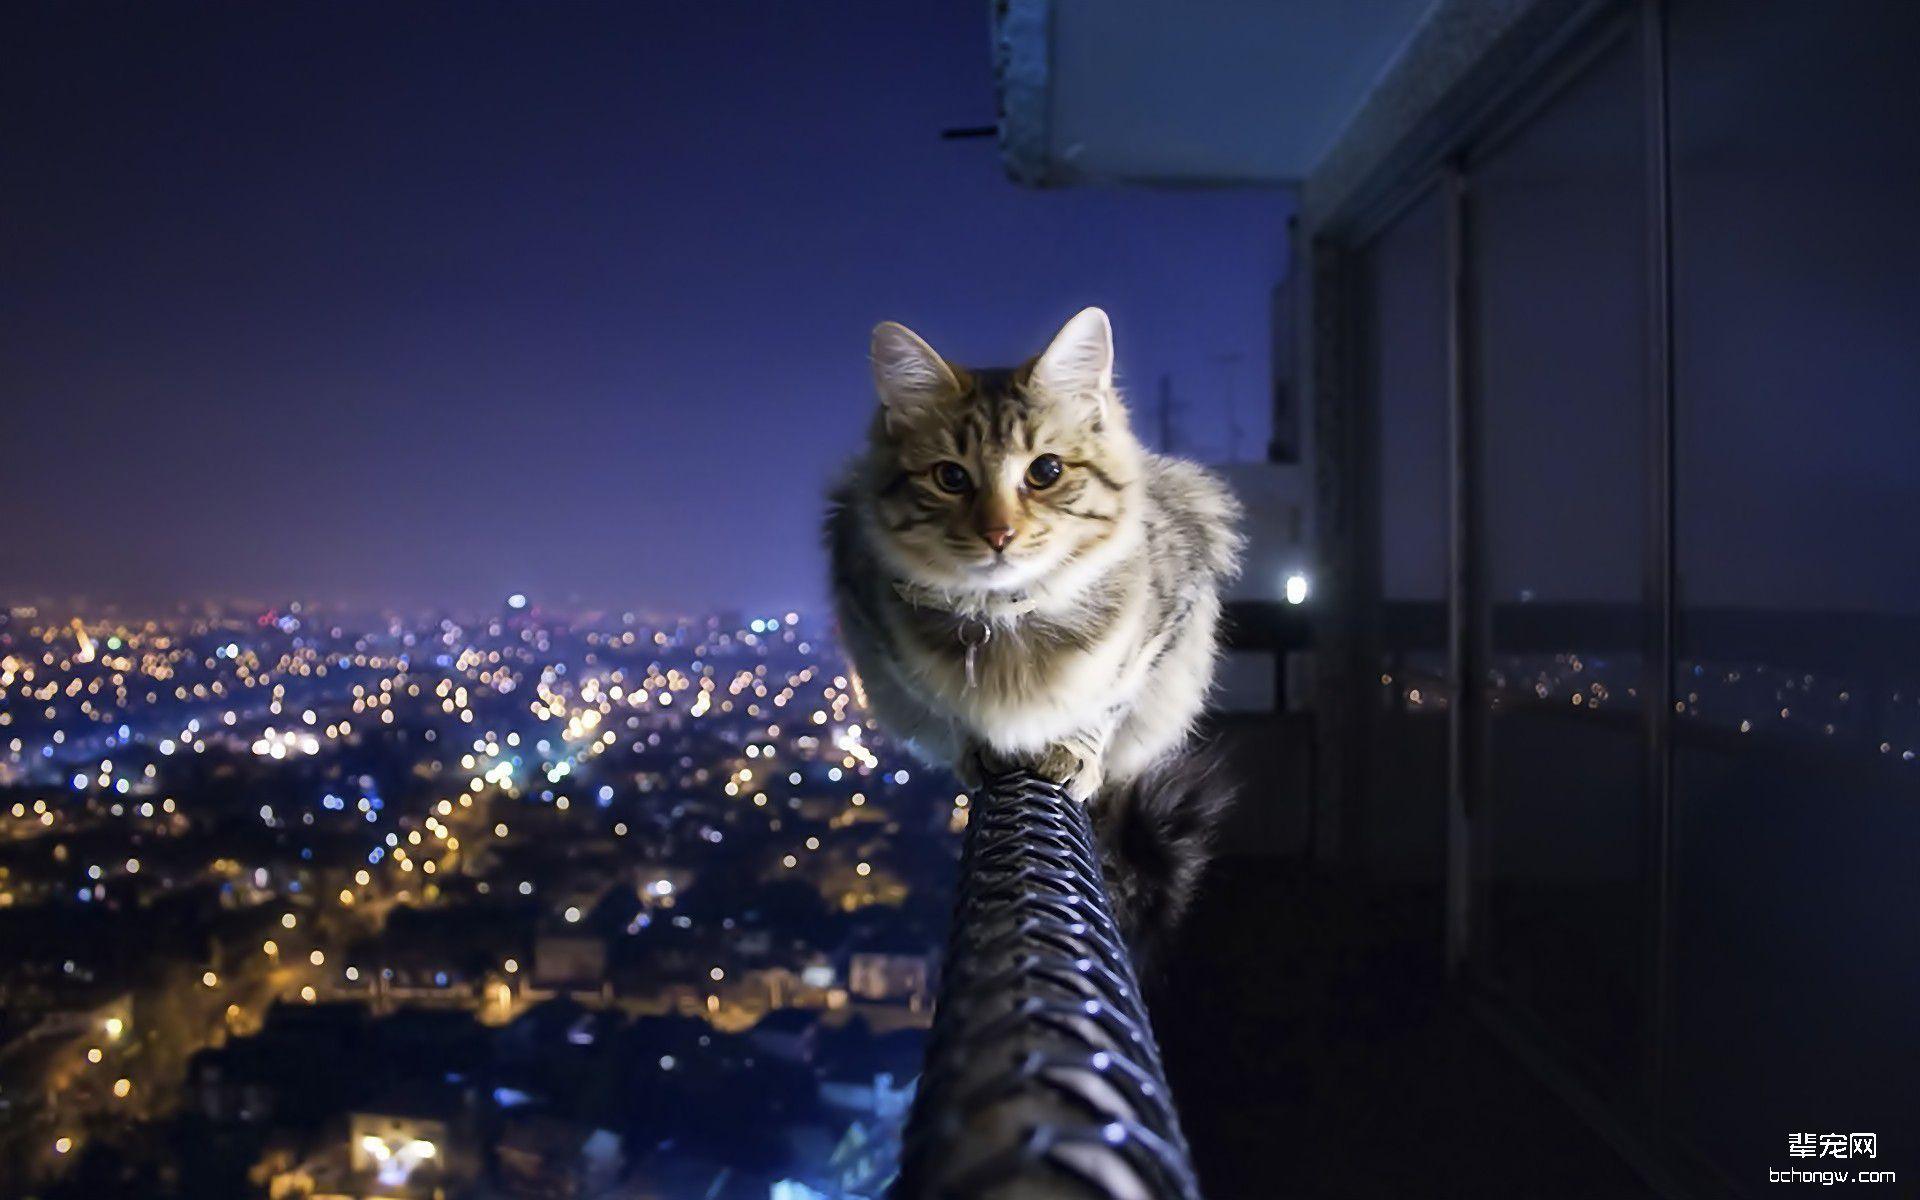 可爱猫咪高清壁纸第6张图片